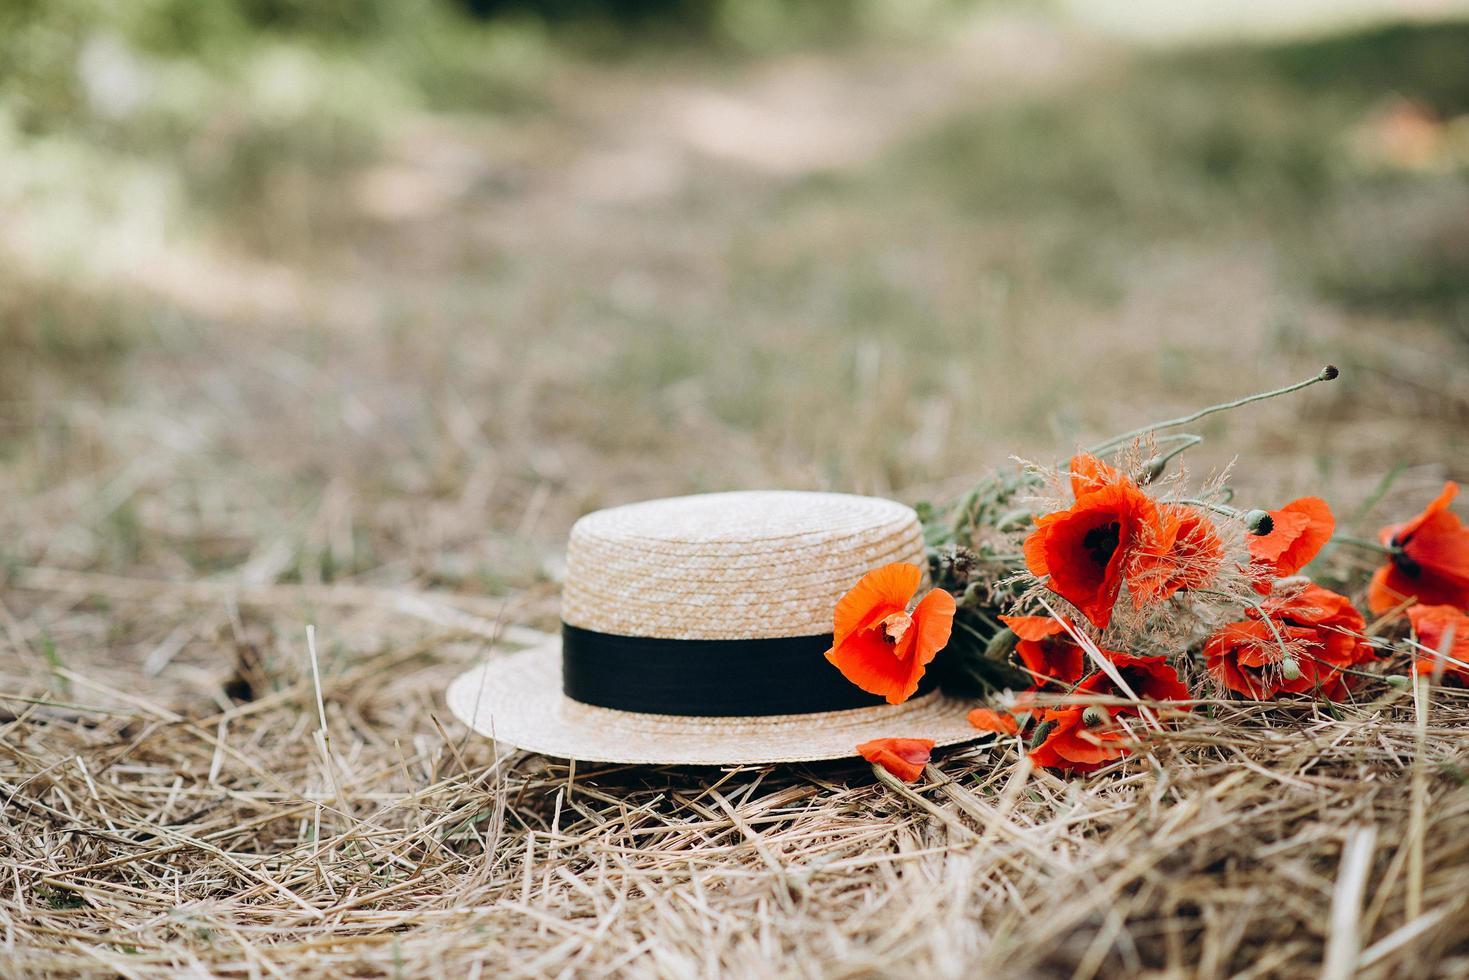 bouquet de fleurs de pavot avec un chapeau de lin sur une paille sèche dorée. place pour l'insertion de texte. concept d'été. photo